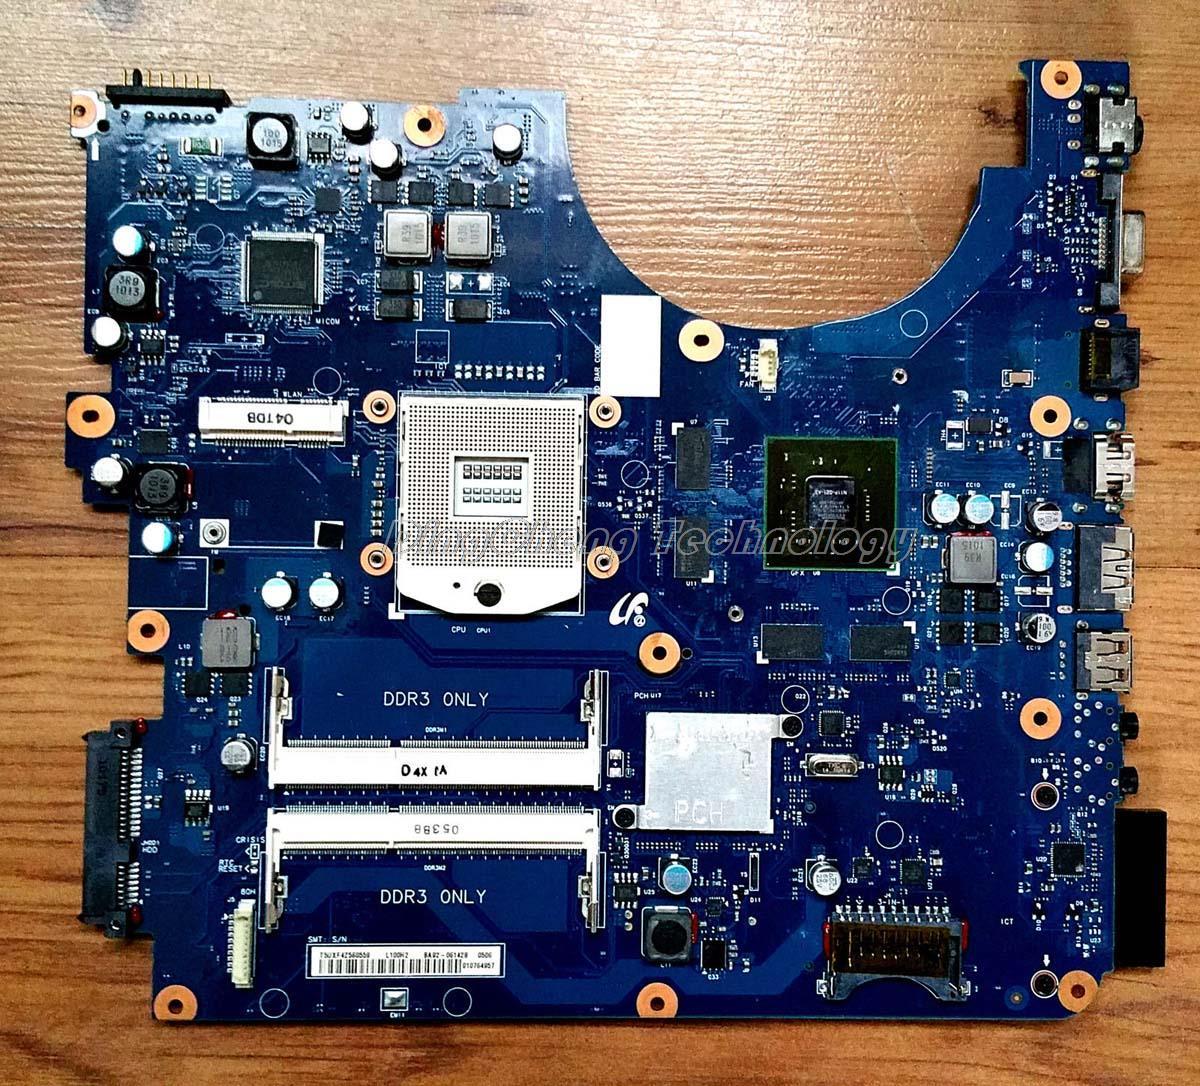 Шели материнская плата для ноутбука Samsung R780 ba92-06142a DDR3-Встроенная видеокарта 100% полностью протестирована